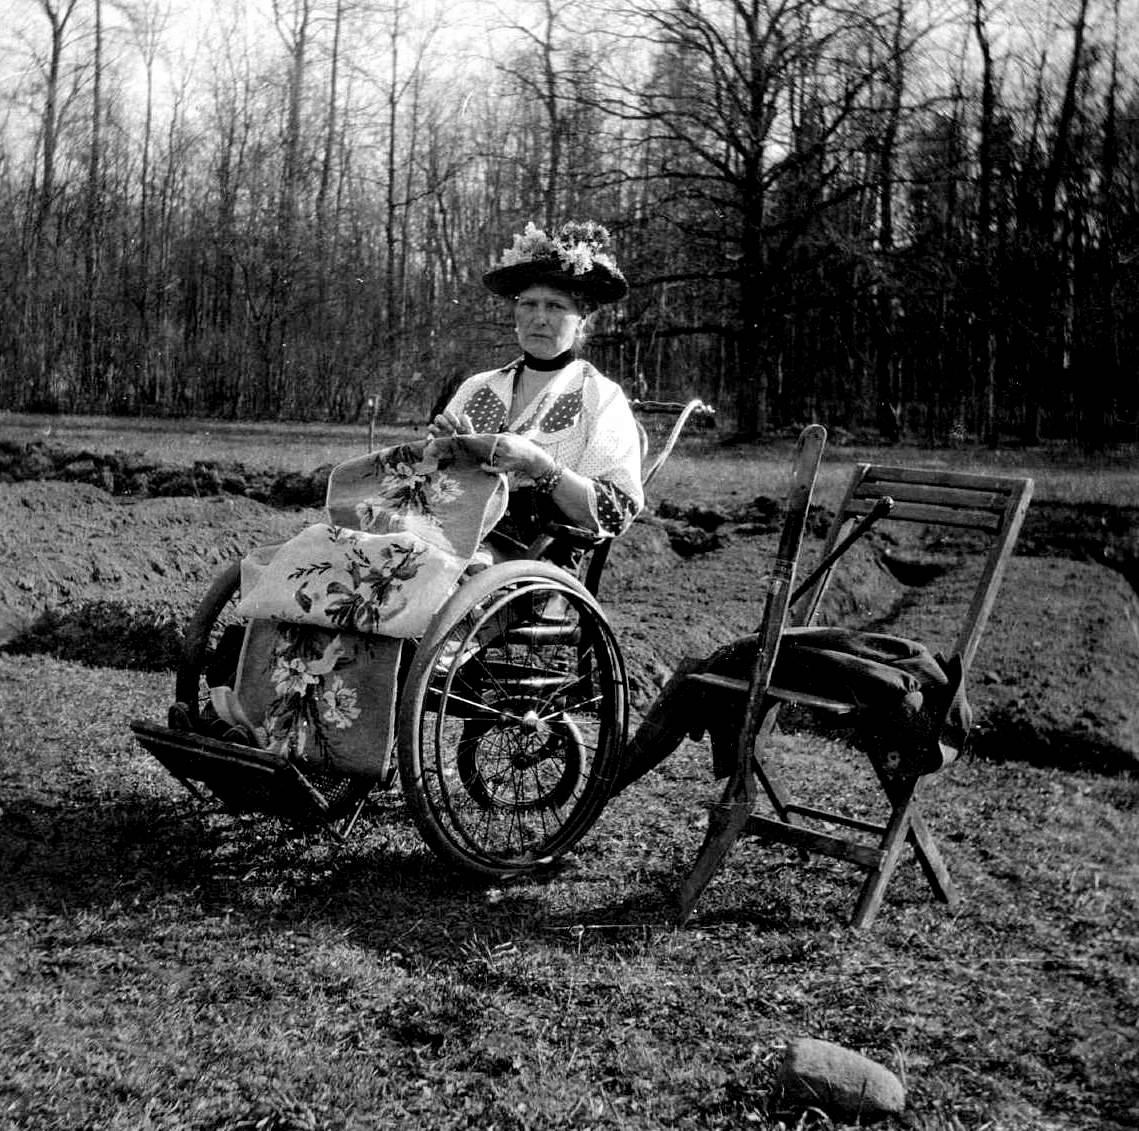 Всего императрица прожила 46 лет. Но уже за несколько лет до ее смерти на фотографиях, выполненных в 1910-е годы, она выглядела как пожилая женщина.